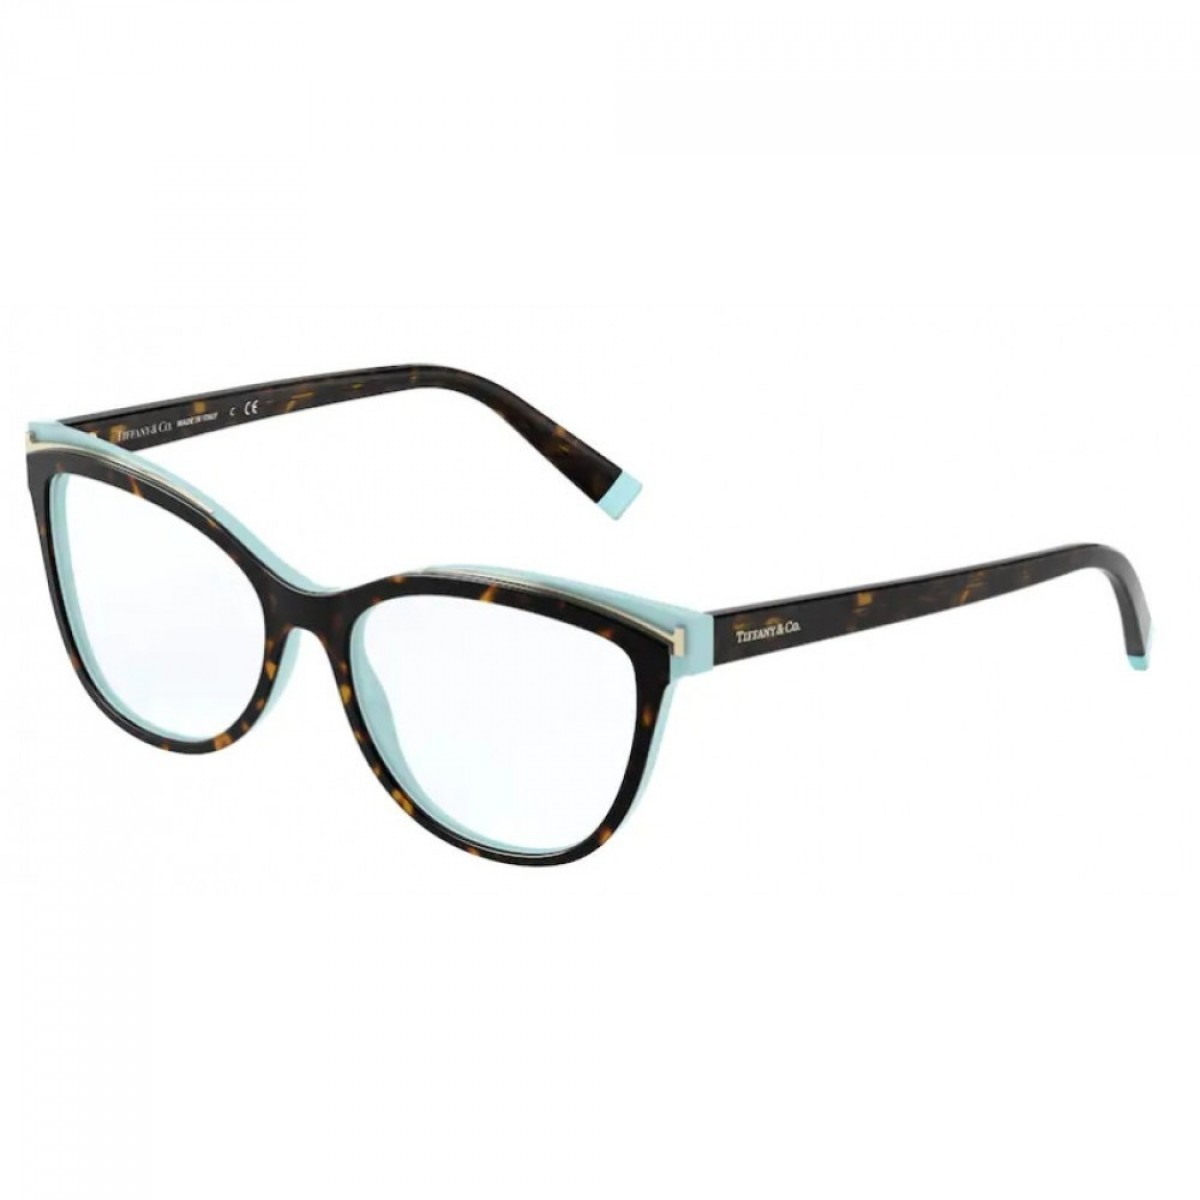 Tiffany&Co. 2192 8134 54, 159,00€, Occhiali Tiffany & Co. Marrone a forma Gatto